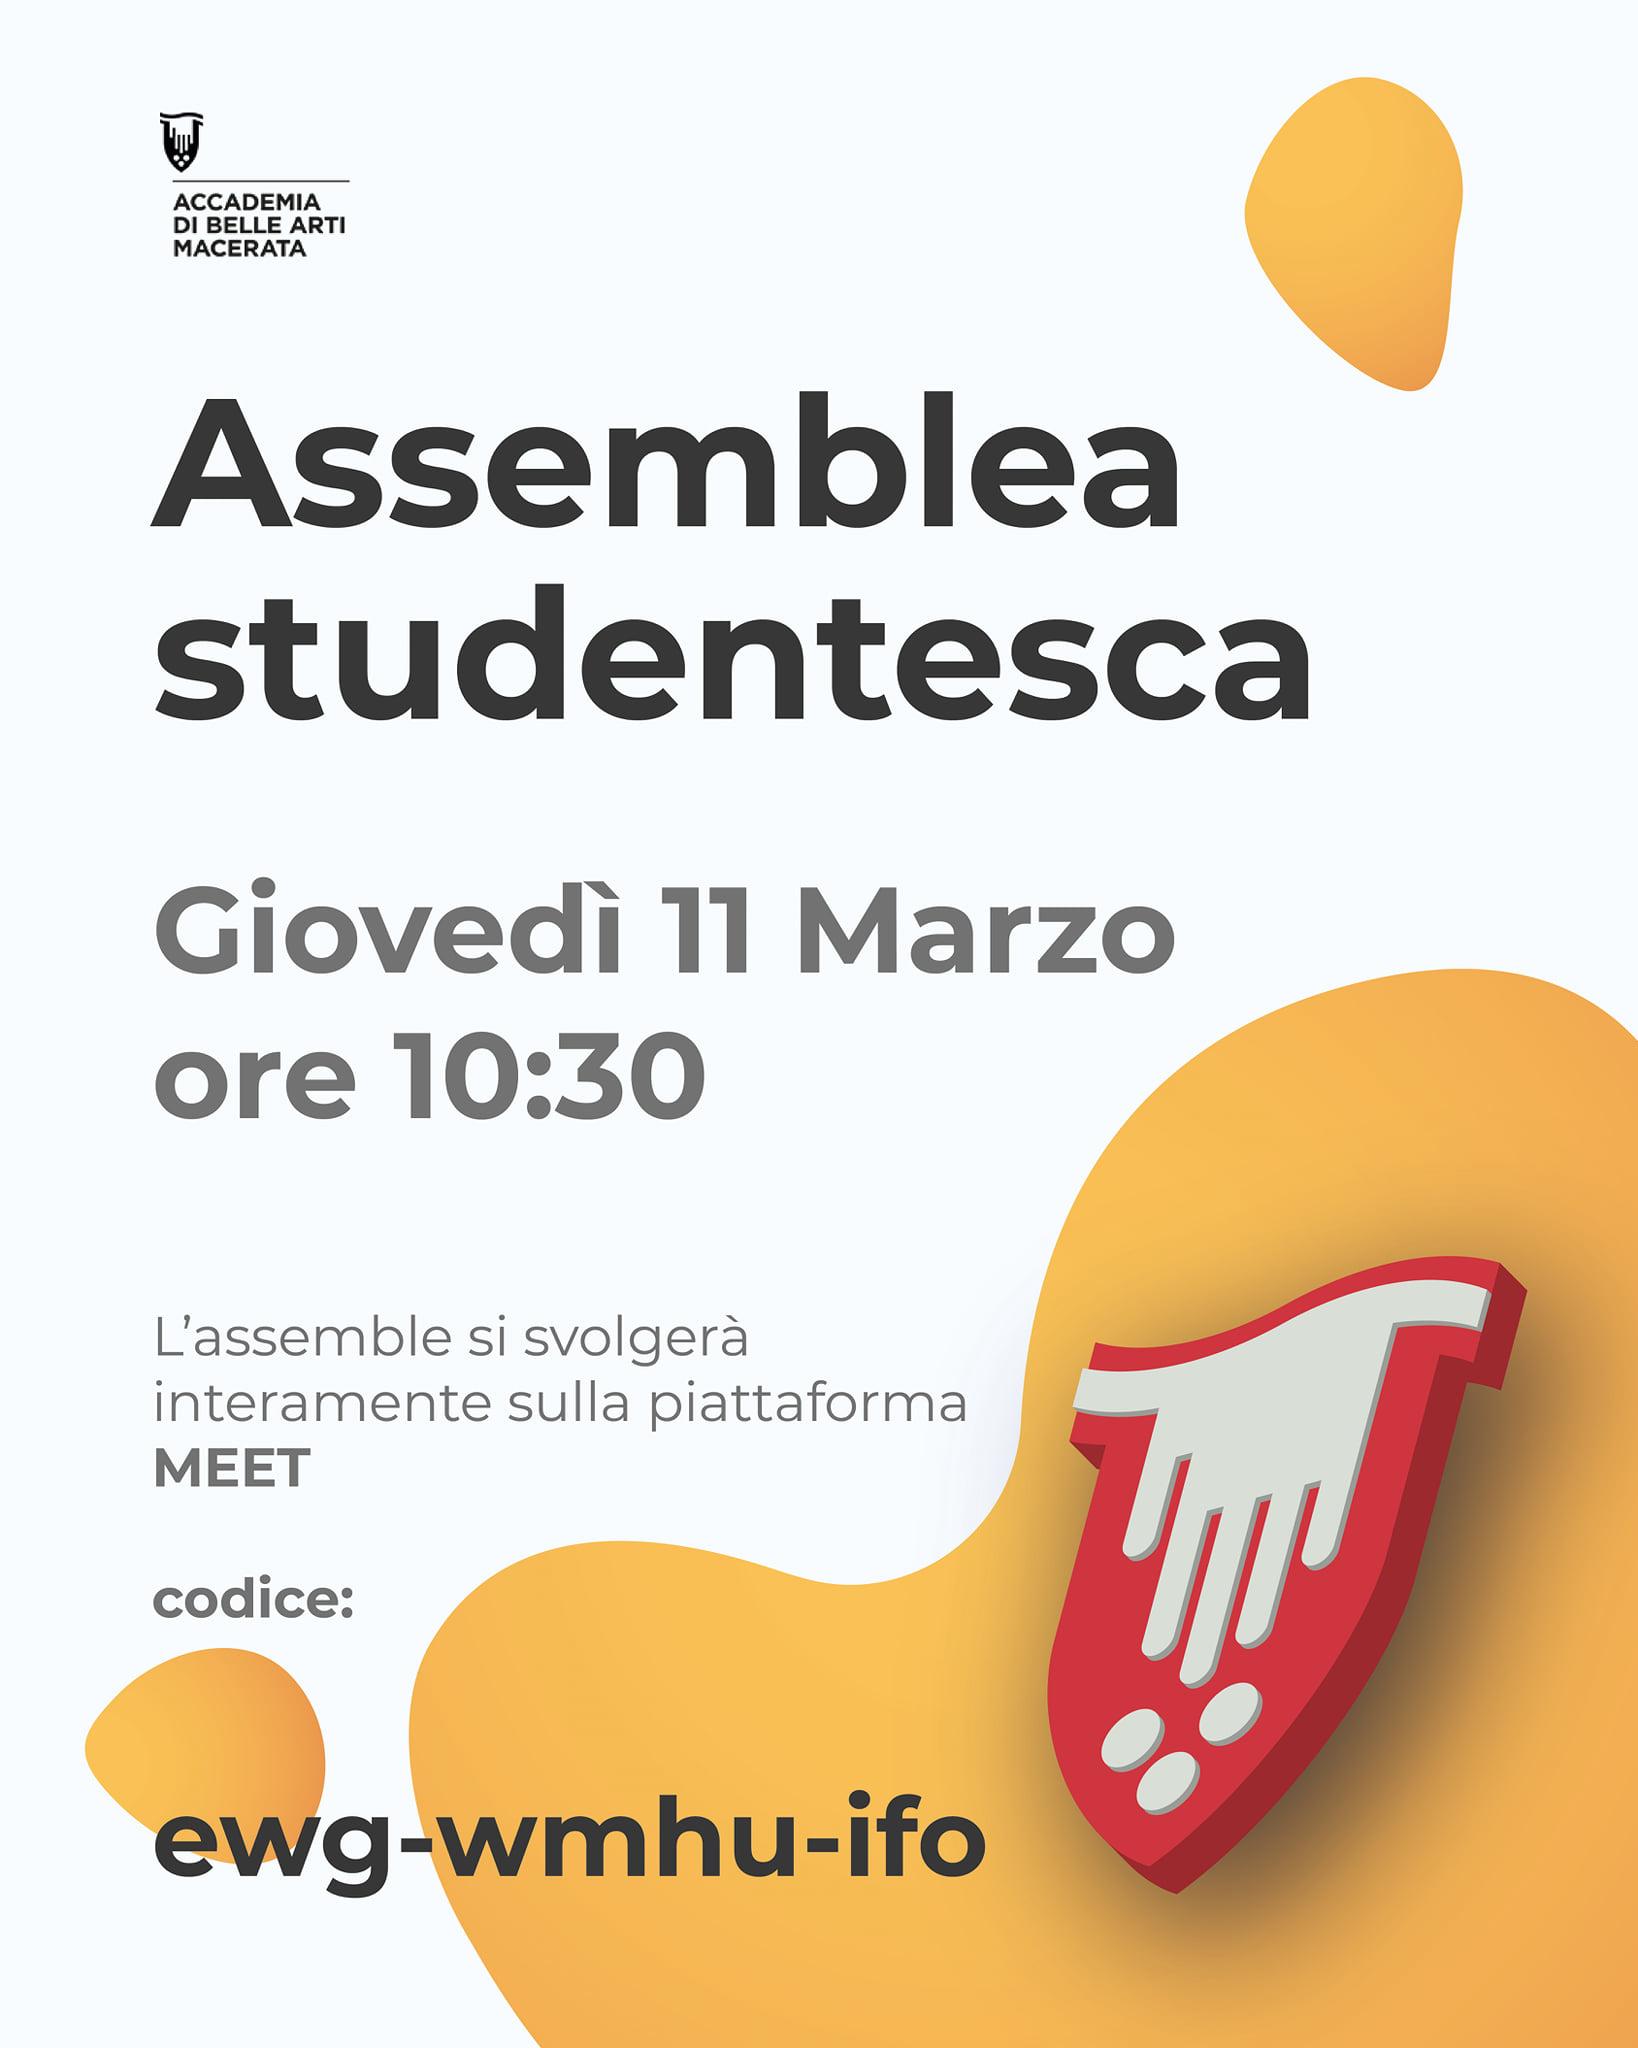 Assemblea Studentesca